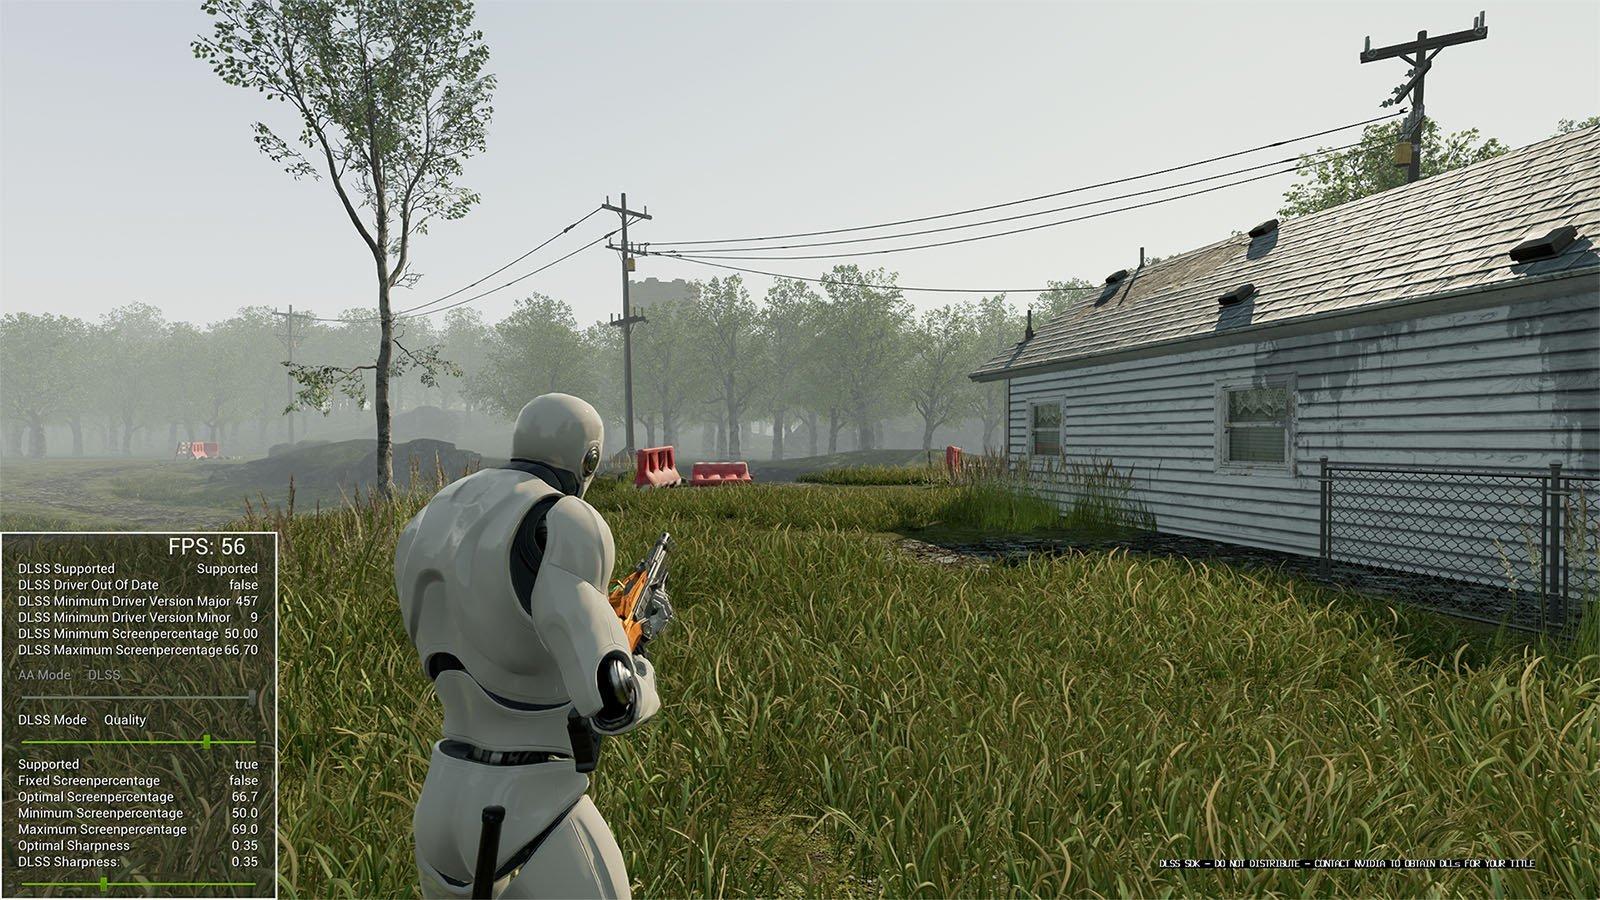 Le DLSS 2.0 fait des étincelles sur l'Unreal Engine 4, avec jusqu'à 180% de performances en plus dans certains cas